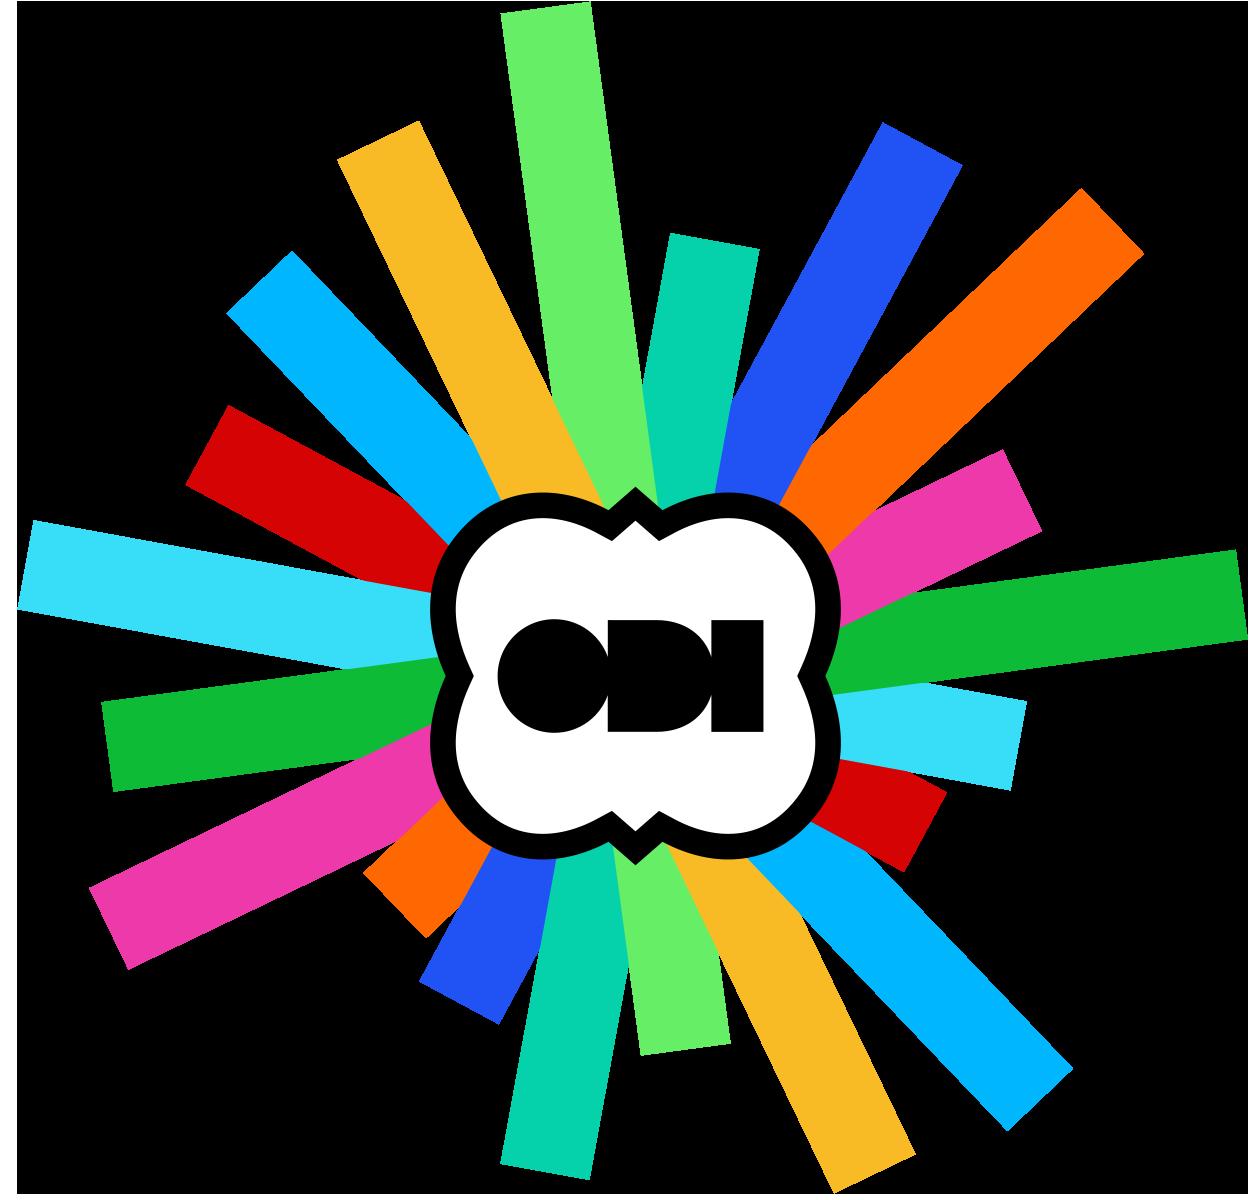 ODI Open Data Certificate